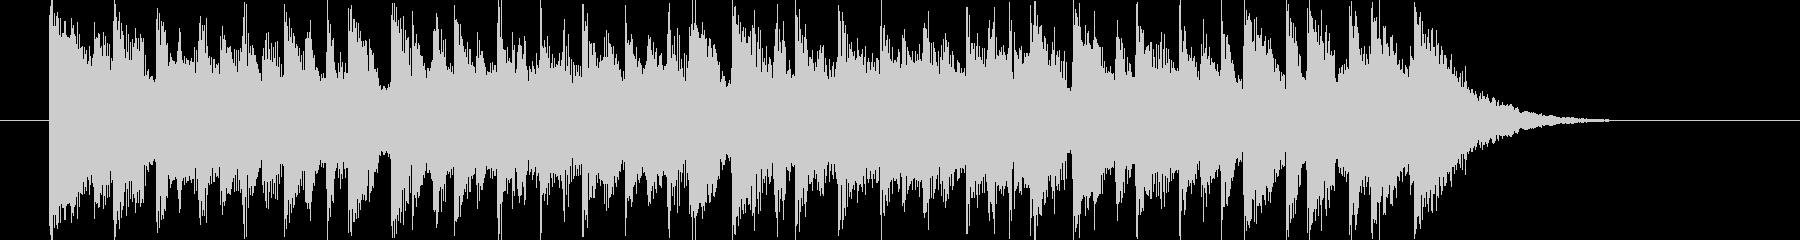 軽快なドラムとエレクトーンによるBGMの未再生の波形